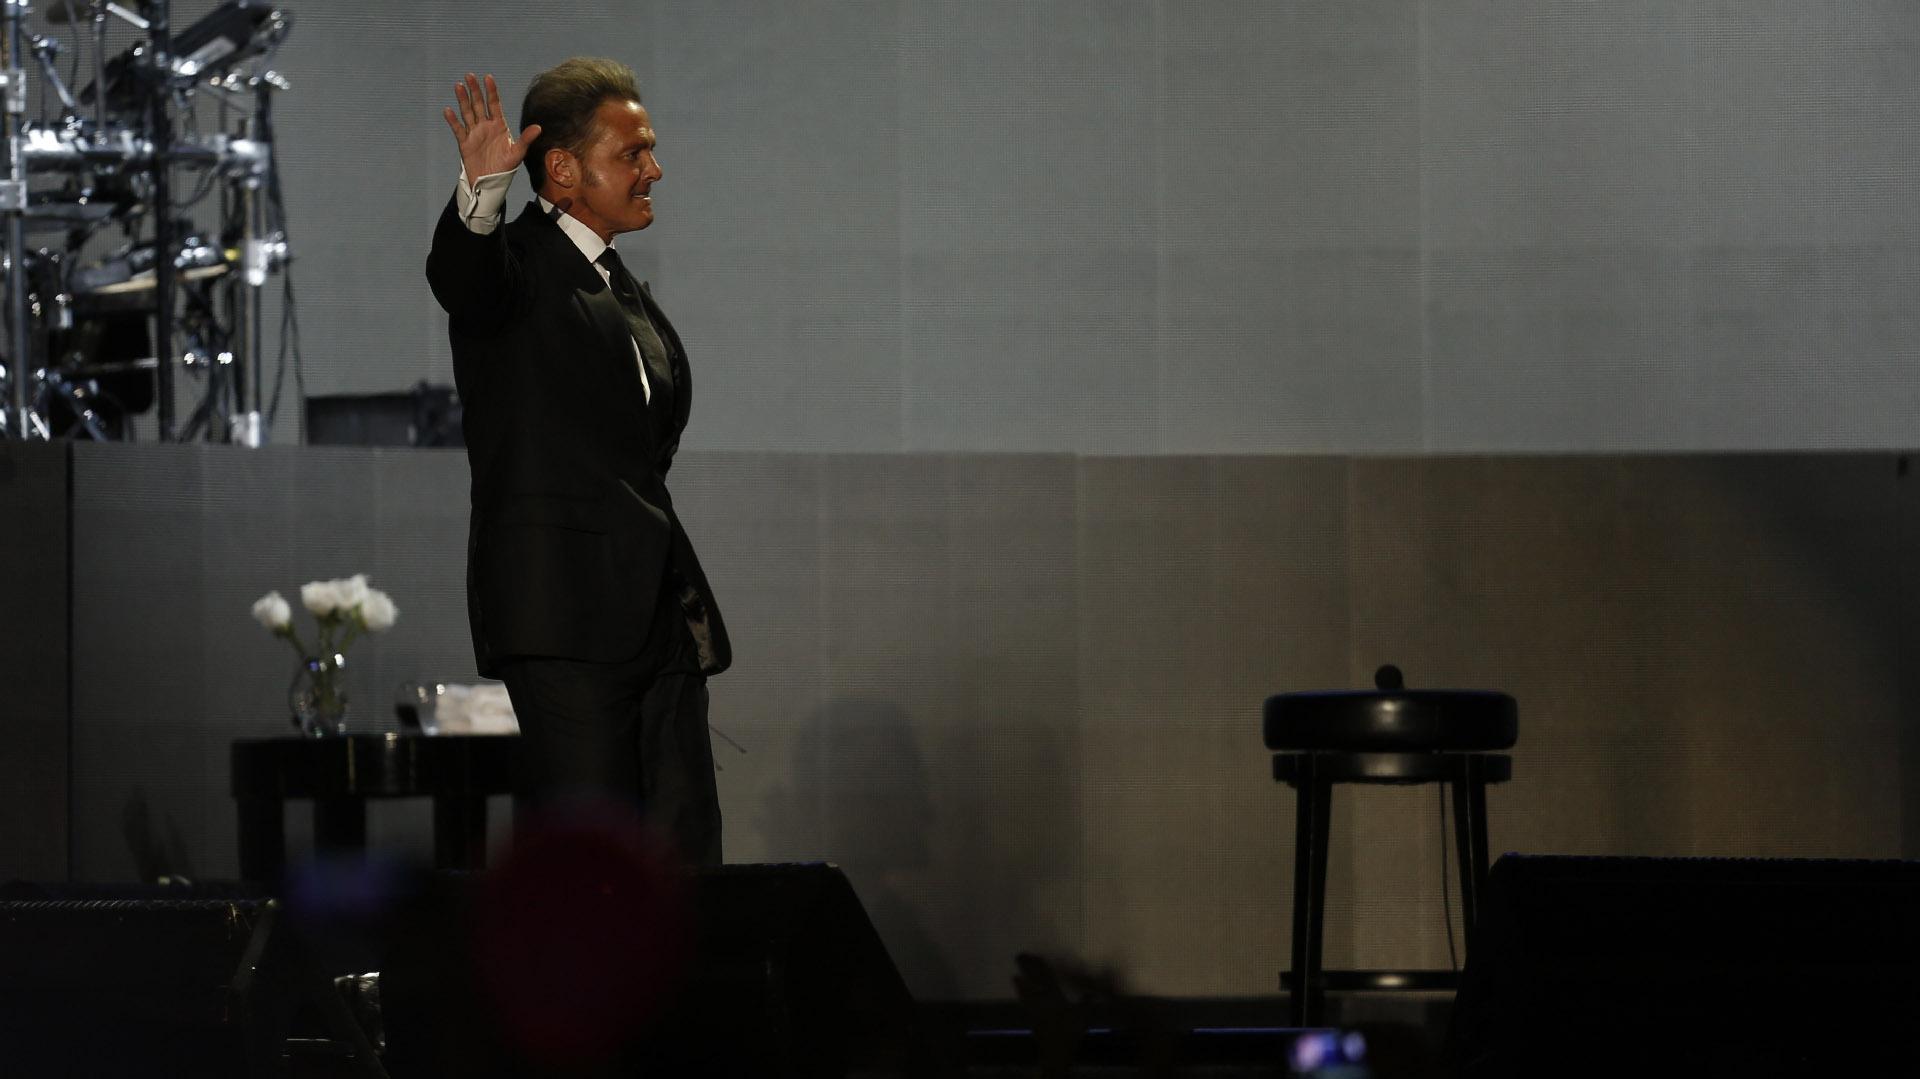 Con este tour, además, rompió el récord de presentaciones en el Auditorio Nacional de México, con un total de 35